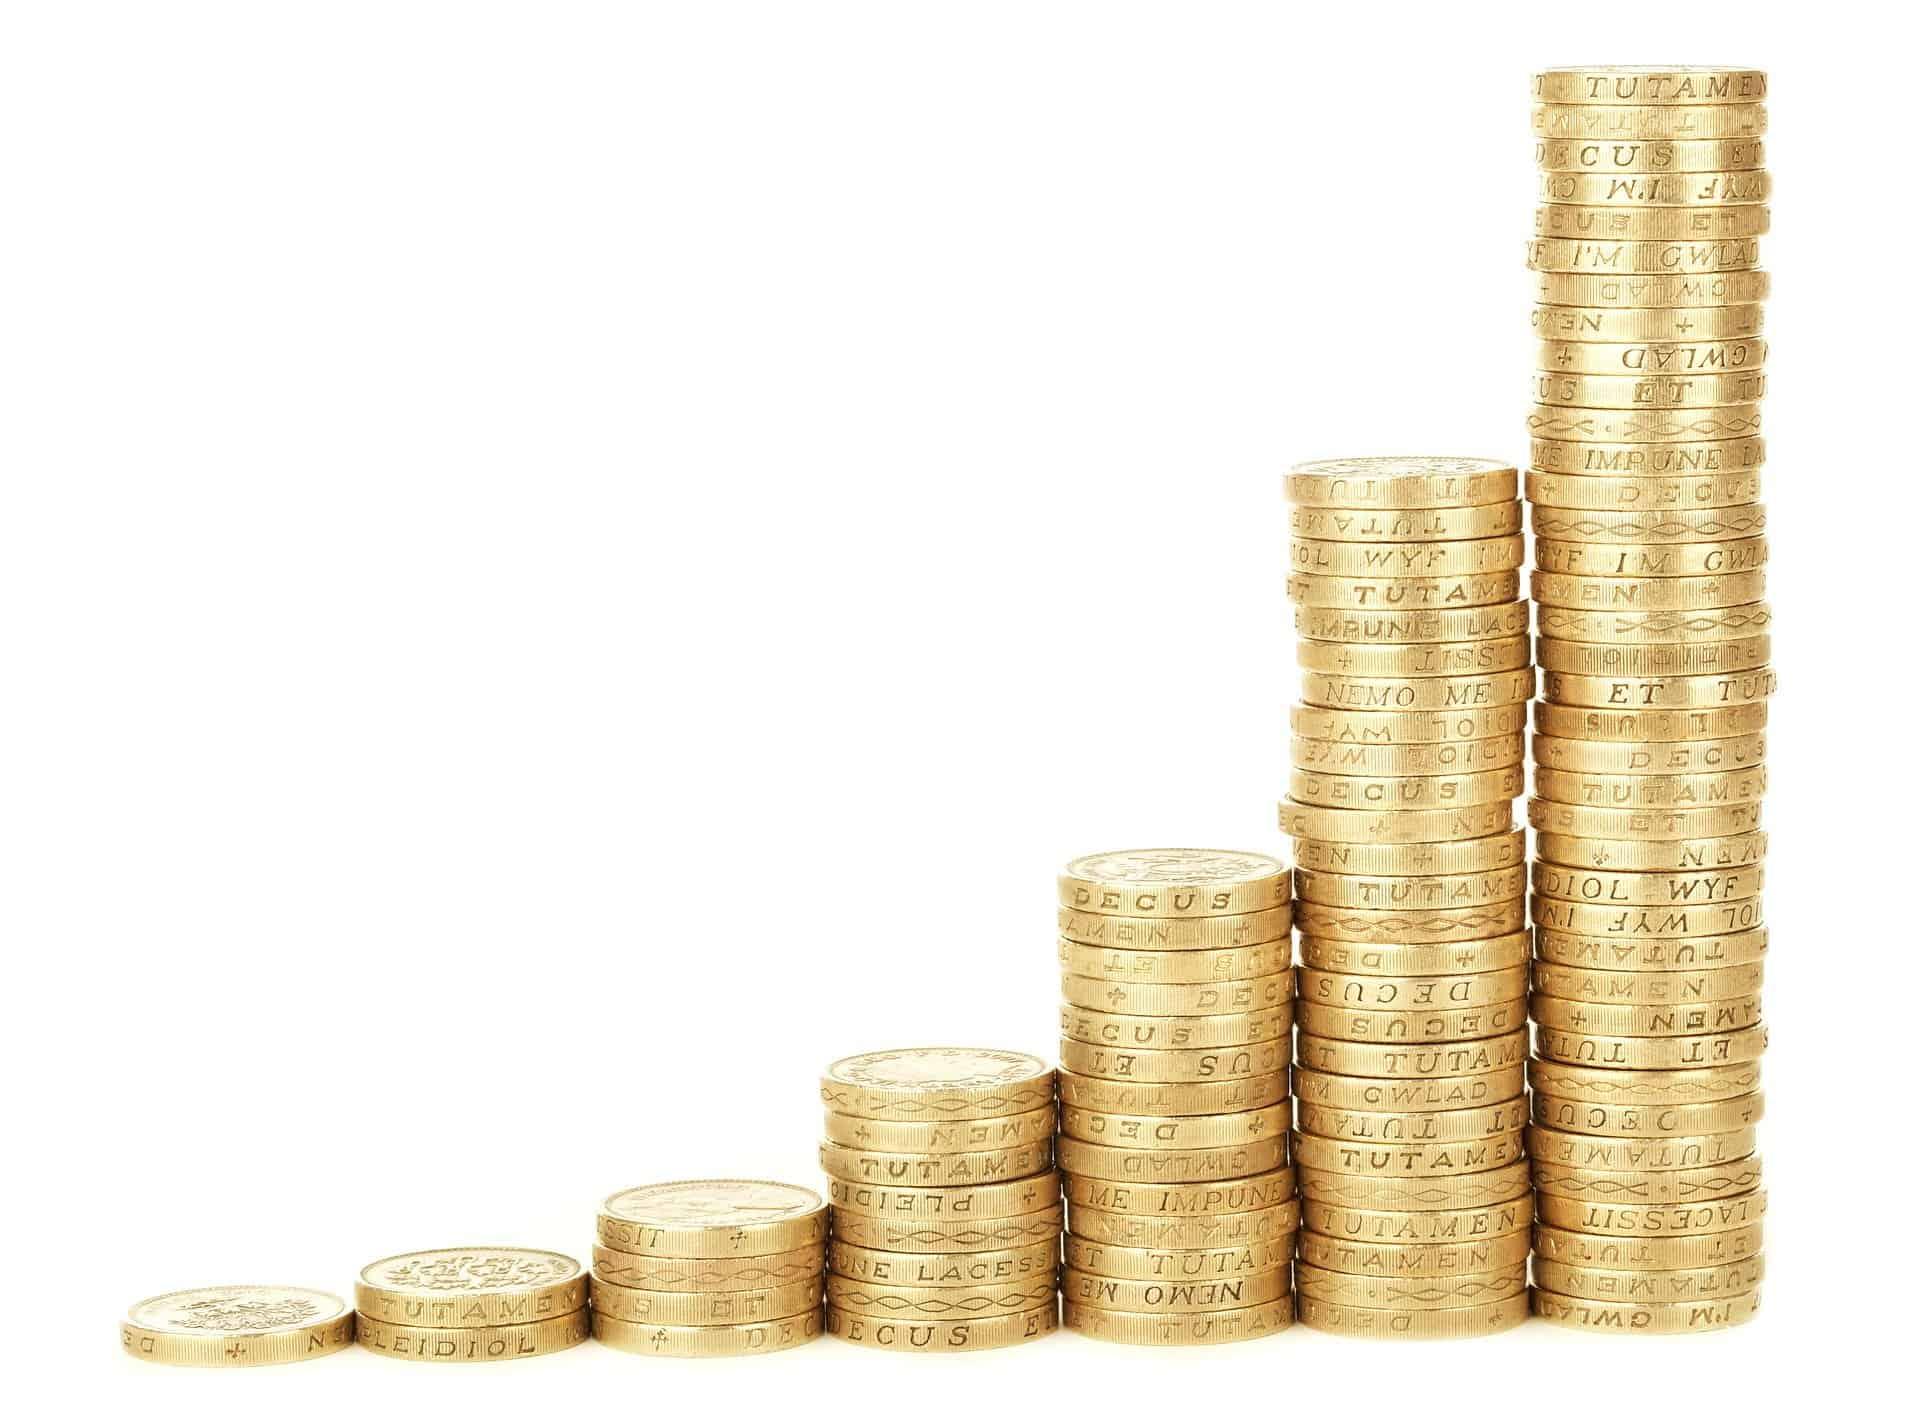 Cresce il risparmio degli italiani: 3 idee utili per salvaguardare il tuo capitale